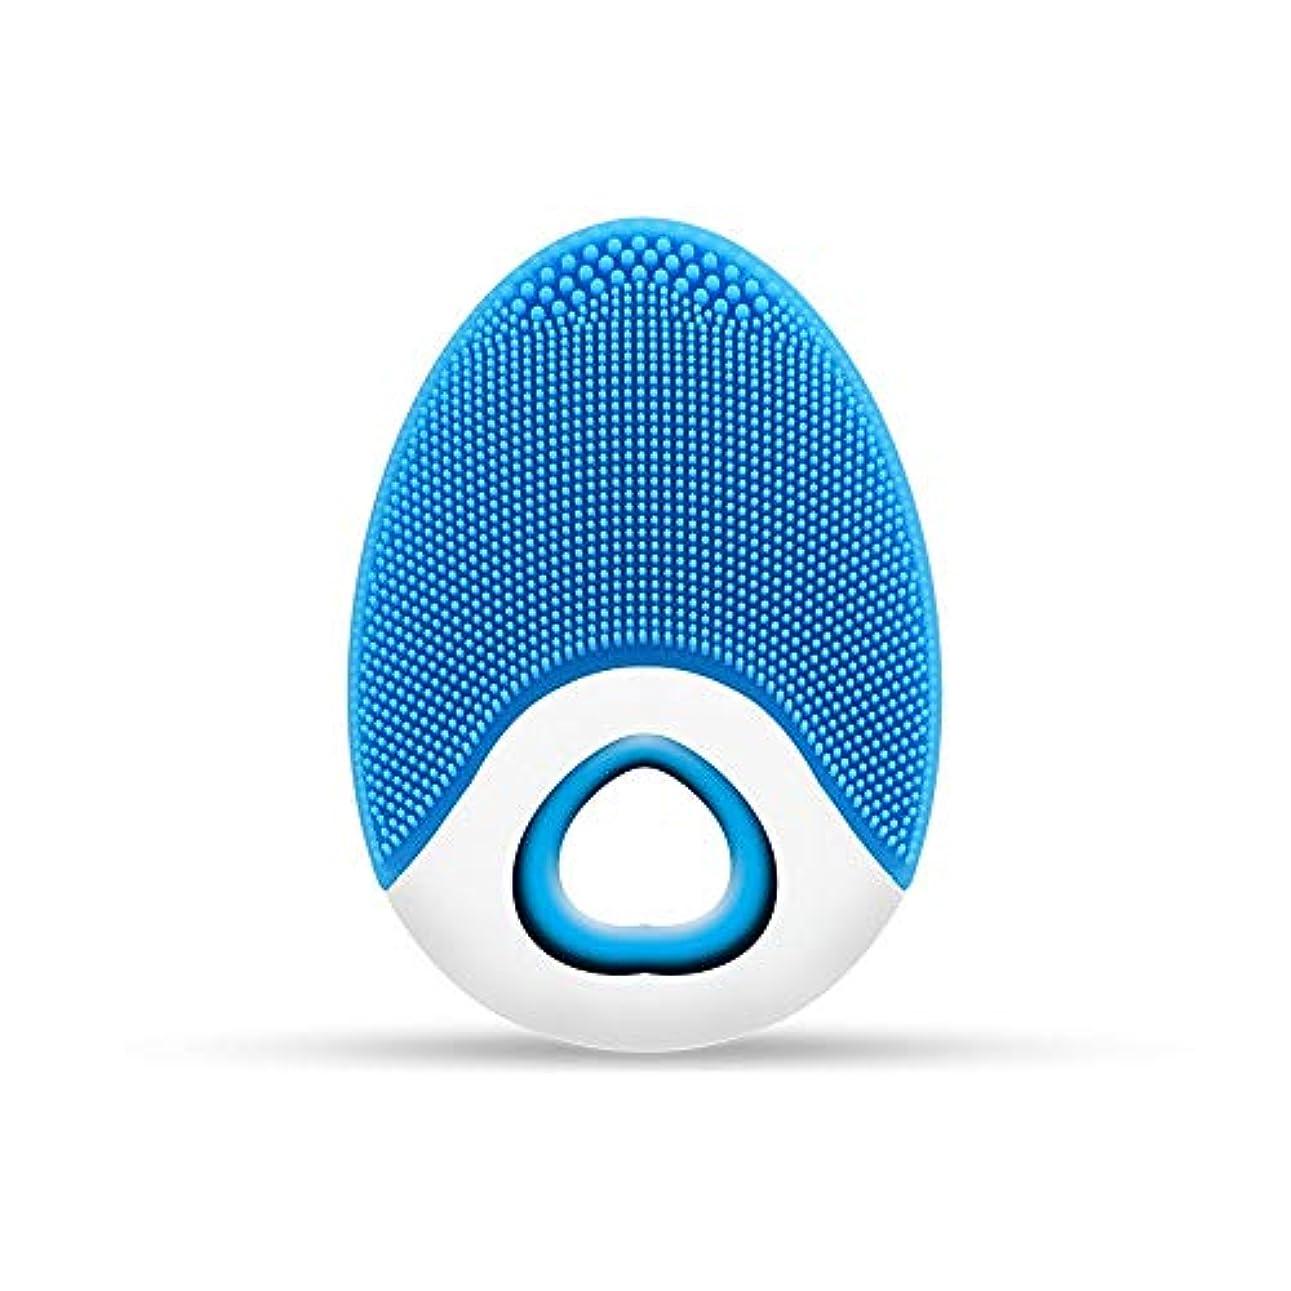 職人容赦ない保育園ZXF ワイヤレス充電電気シリコーンクレンジングブラシ高周波振動防水マルチレベル調整クレンジング楽器美容器具 滑らかである (色 : Blue)